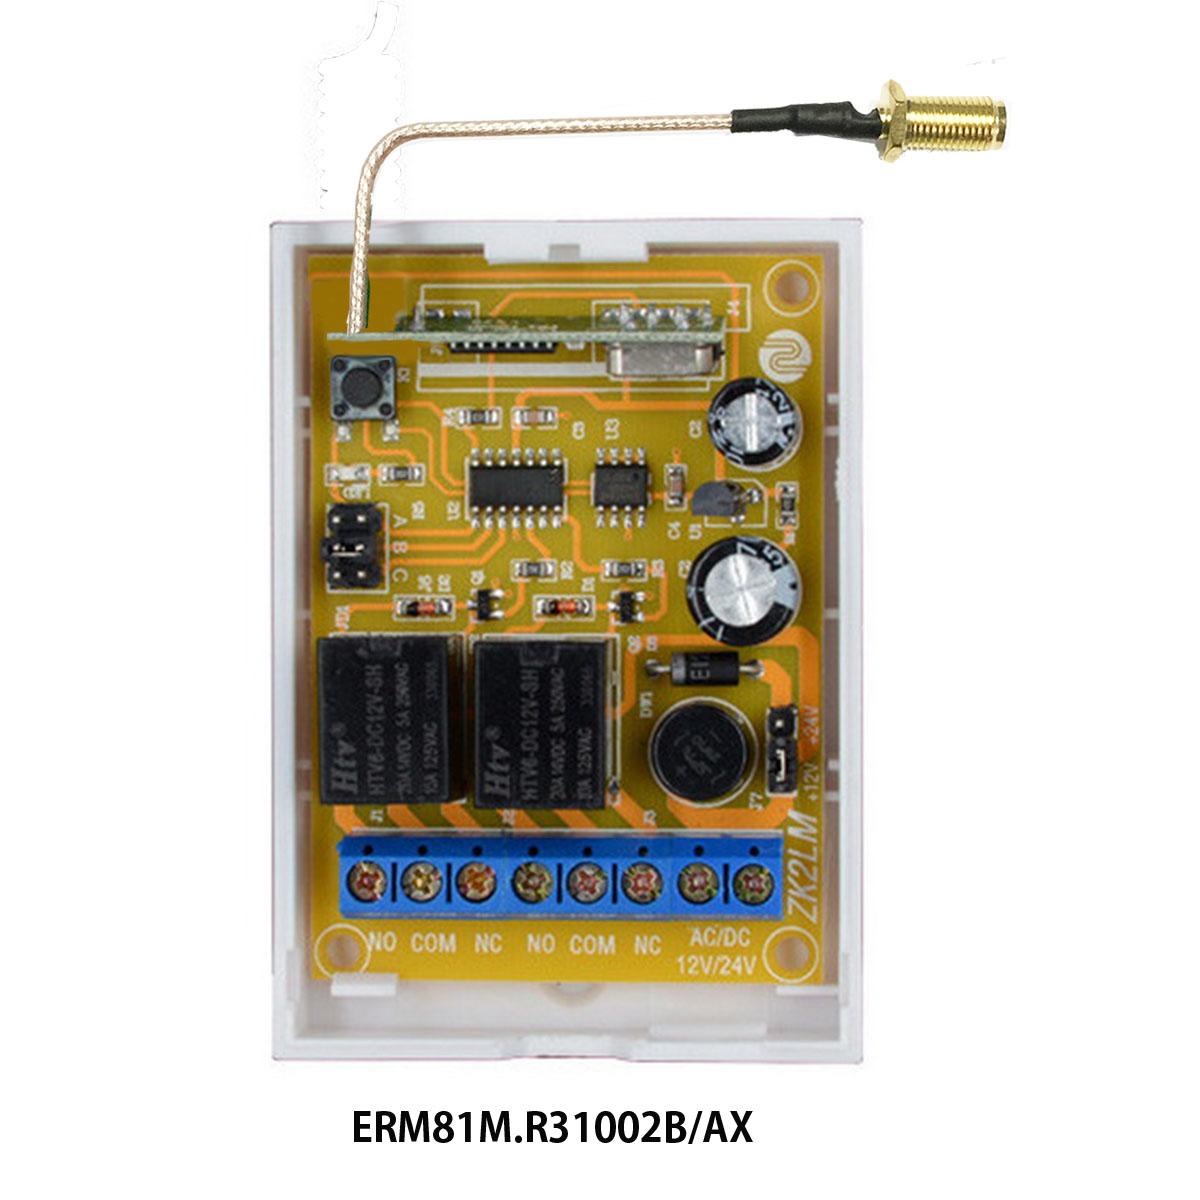 [ATI]ERM81M.02B10R3AX  무선 DC모터 정/역회전 컨트롤 스위치,12/24VDC 겸용